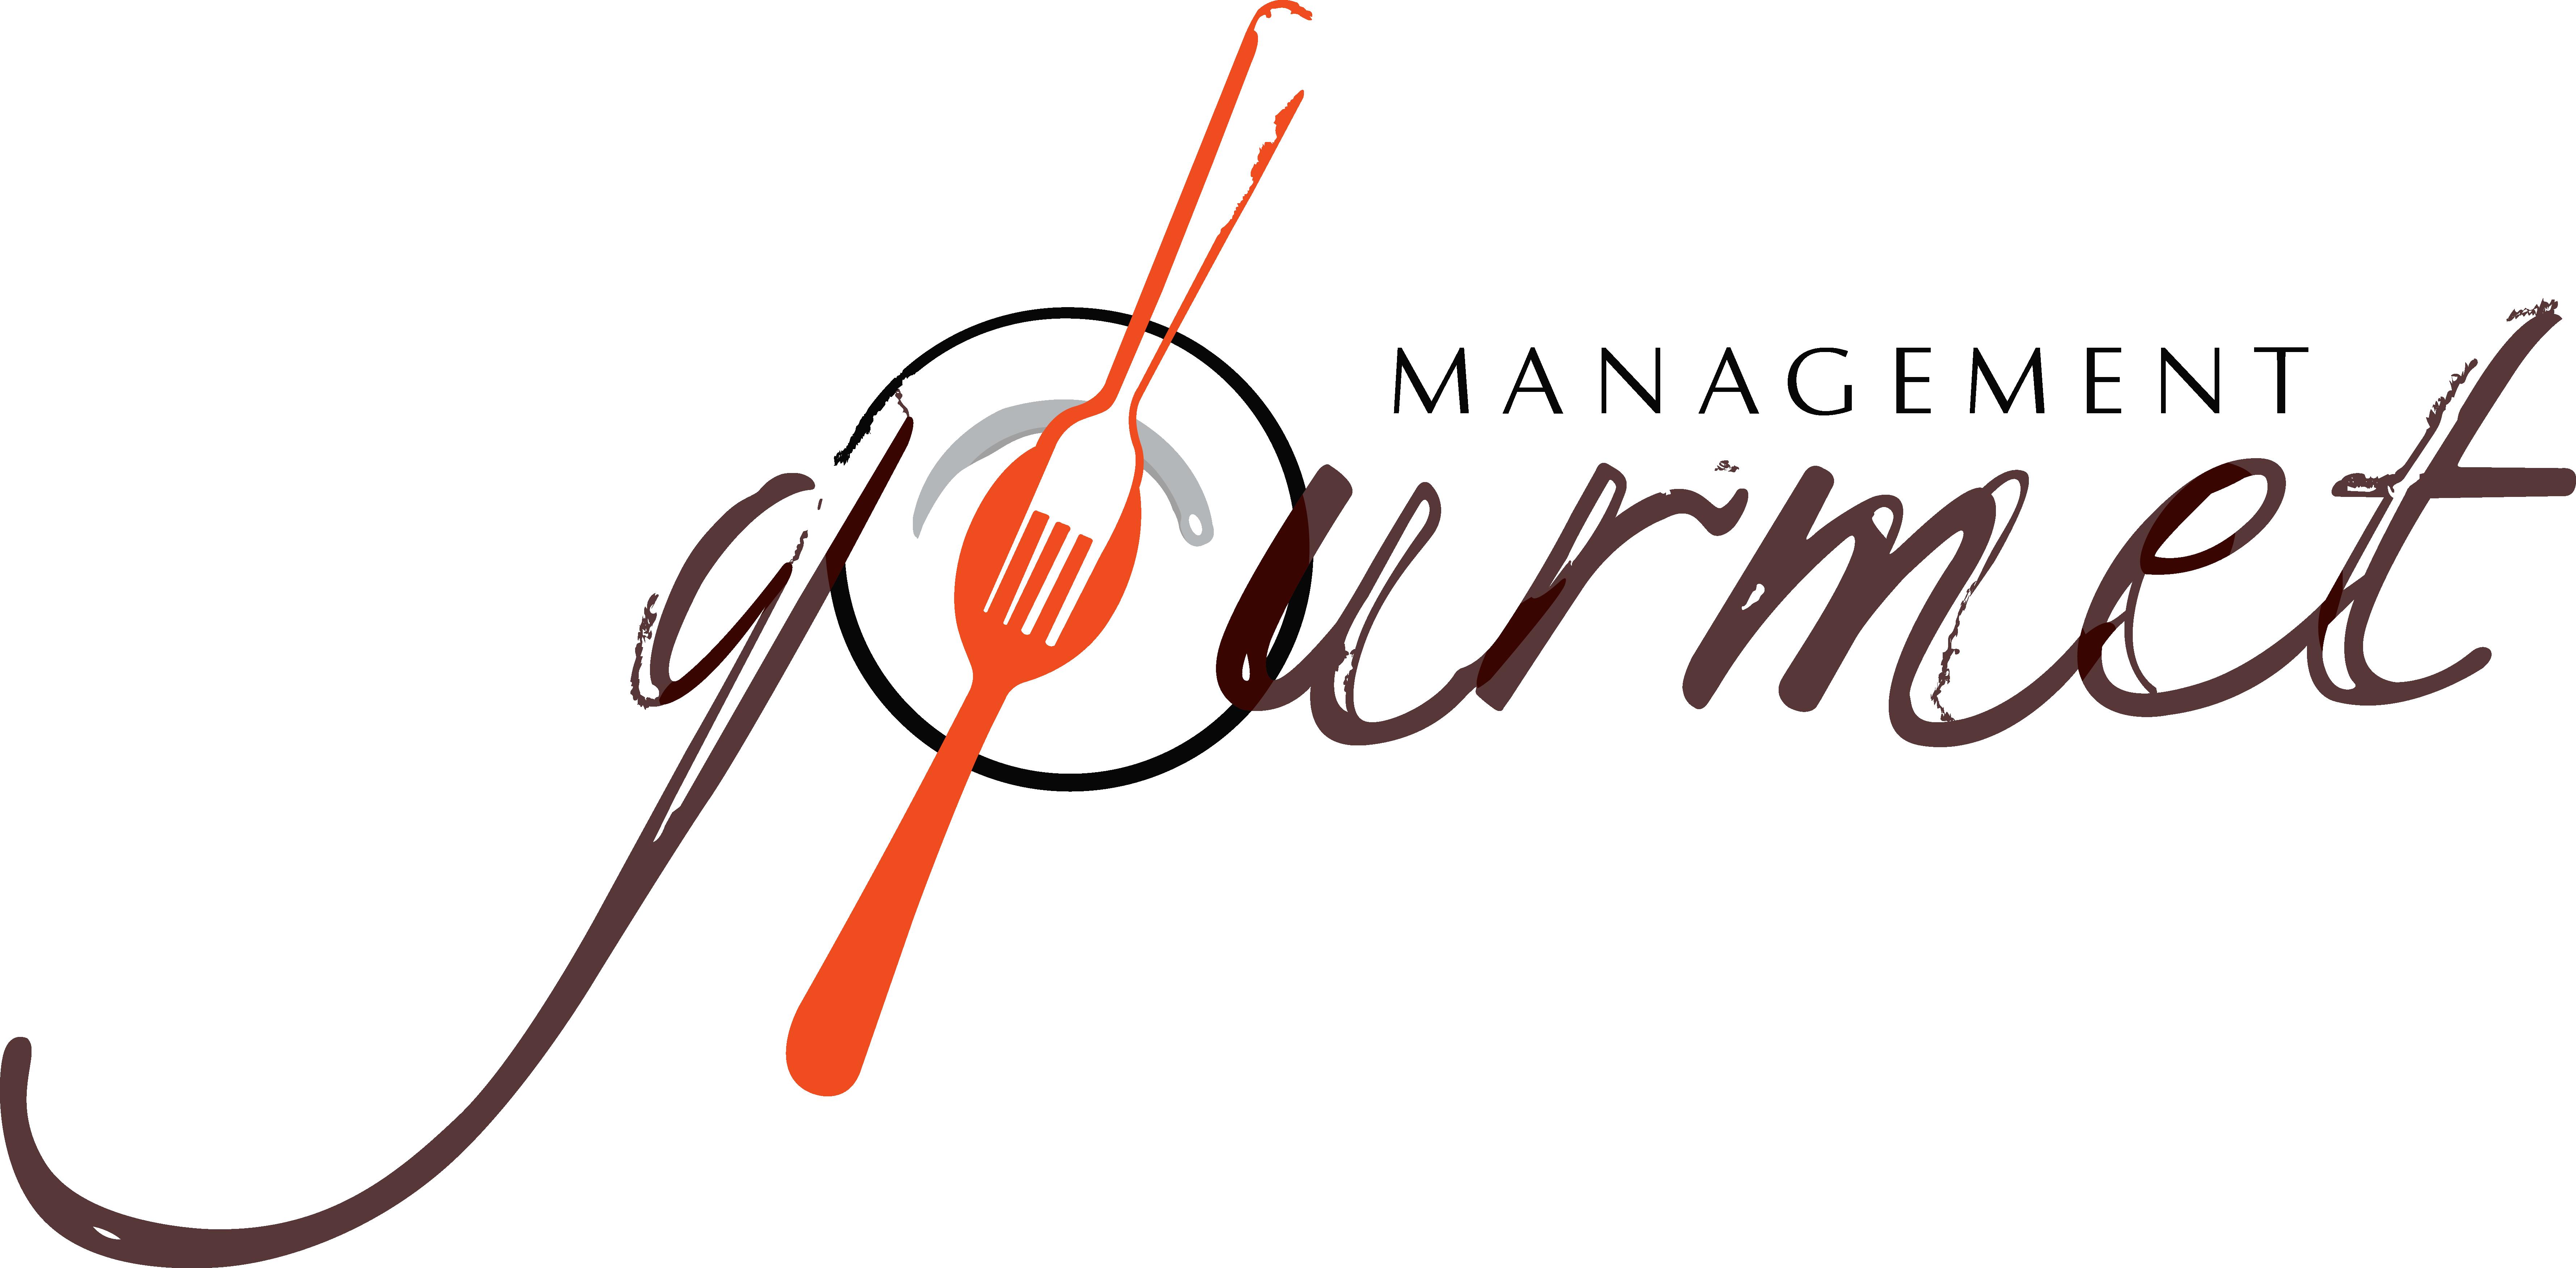 Management Gourmet - Estrategia y Marketing Para Restaurantes